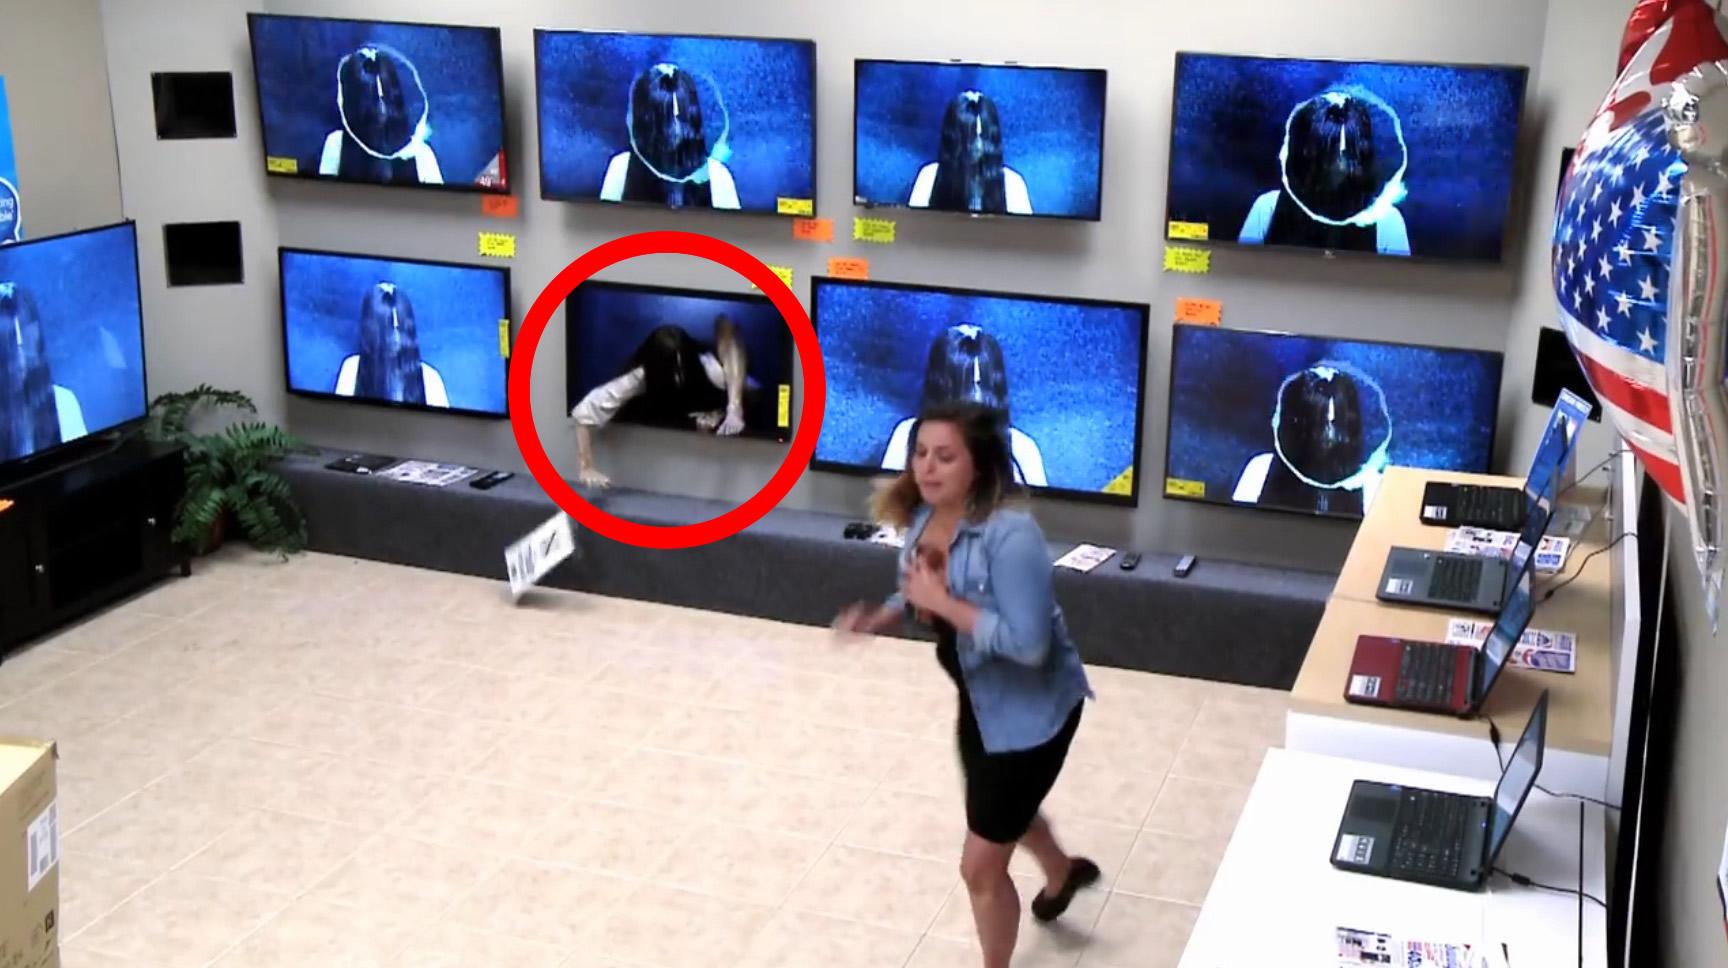 電気屋のテレビから貞子が、、映画「リング」のPRで行われたドッキリが怖すぎる